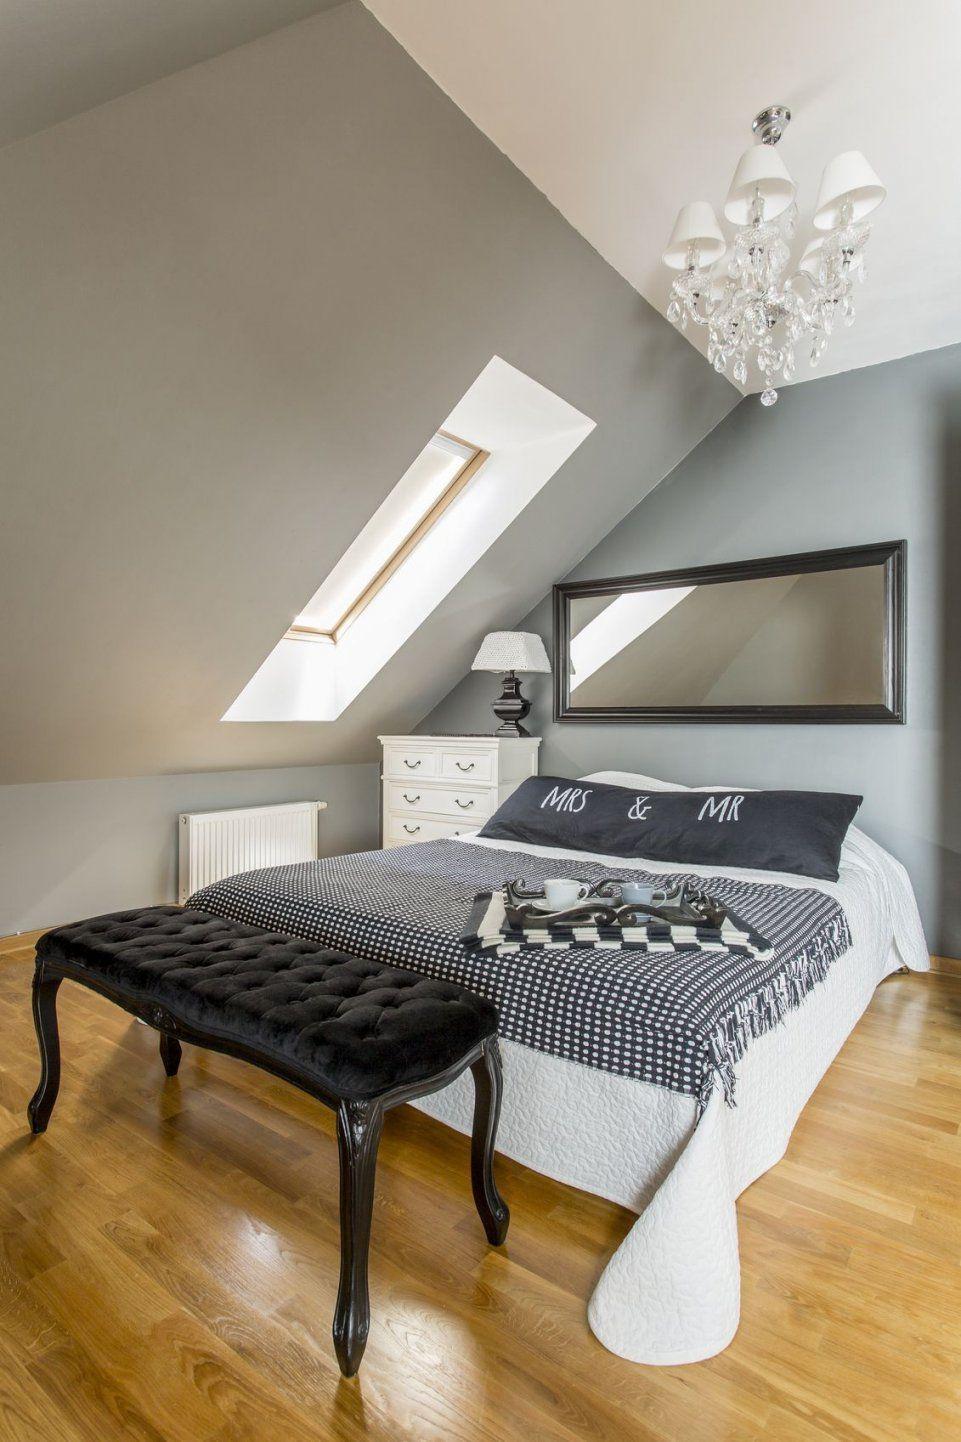 schlafzimmer einrichten mit dachschr gen unglaublich on berall von schlafzimmer gestalten mit. Black Bedroom Furniture Sets. Home Design Ideas